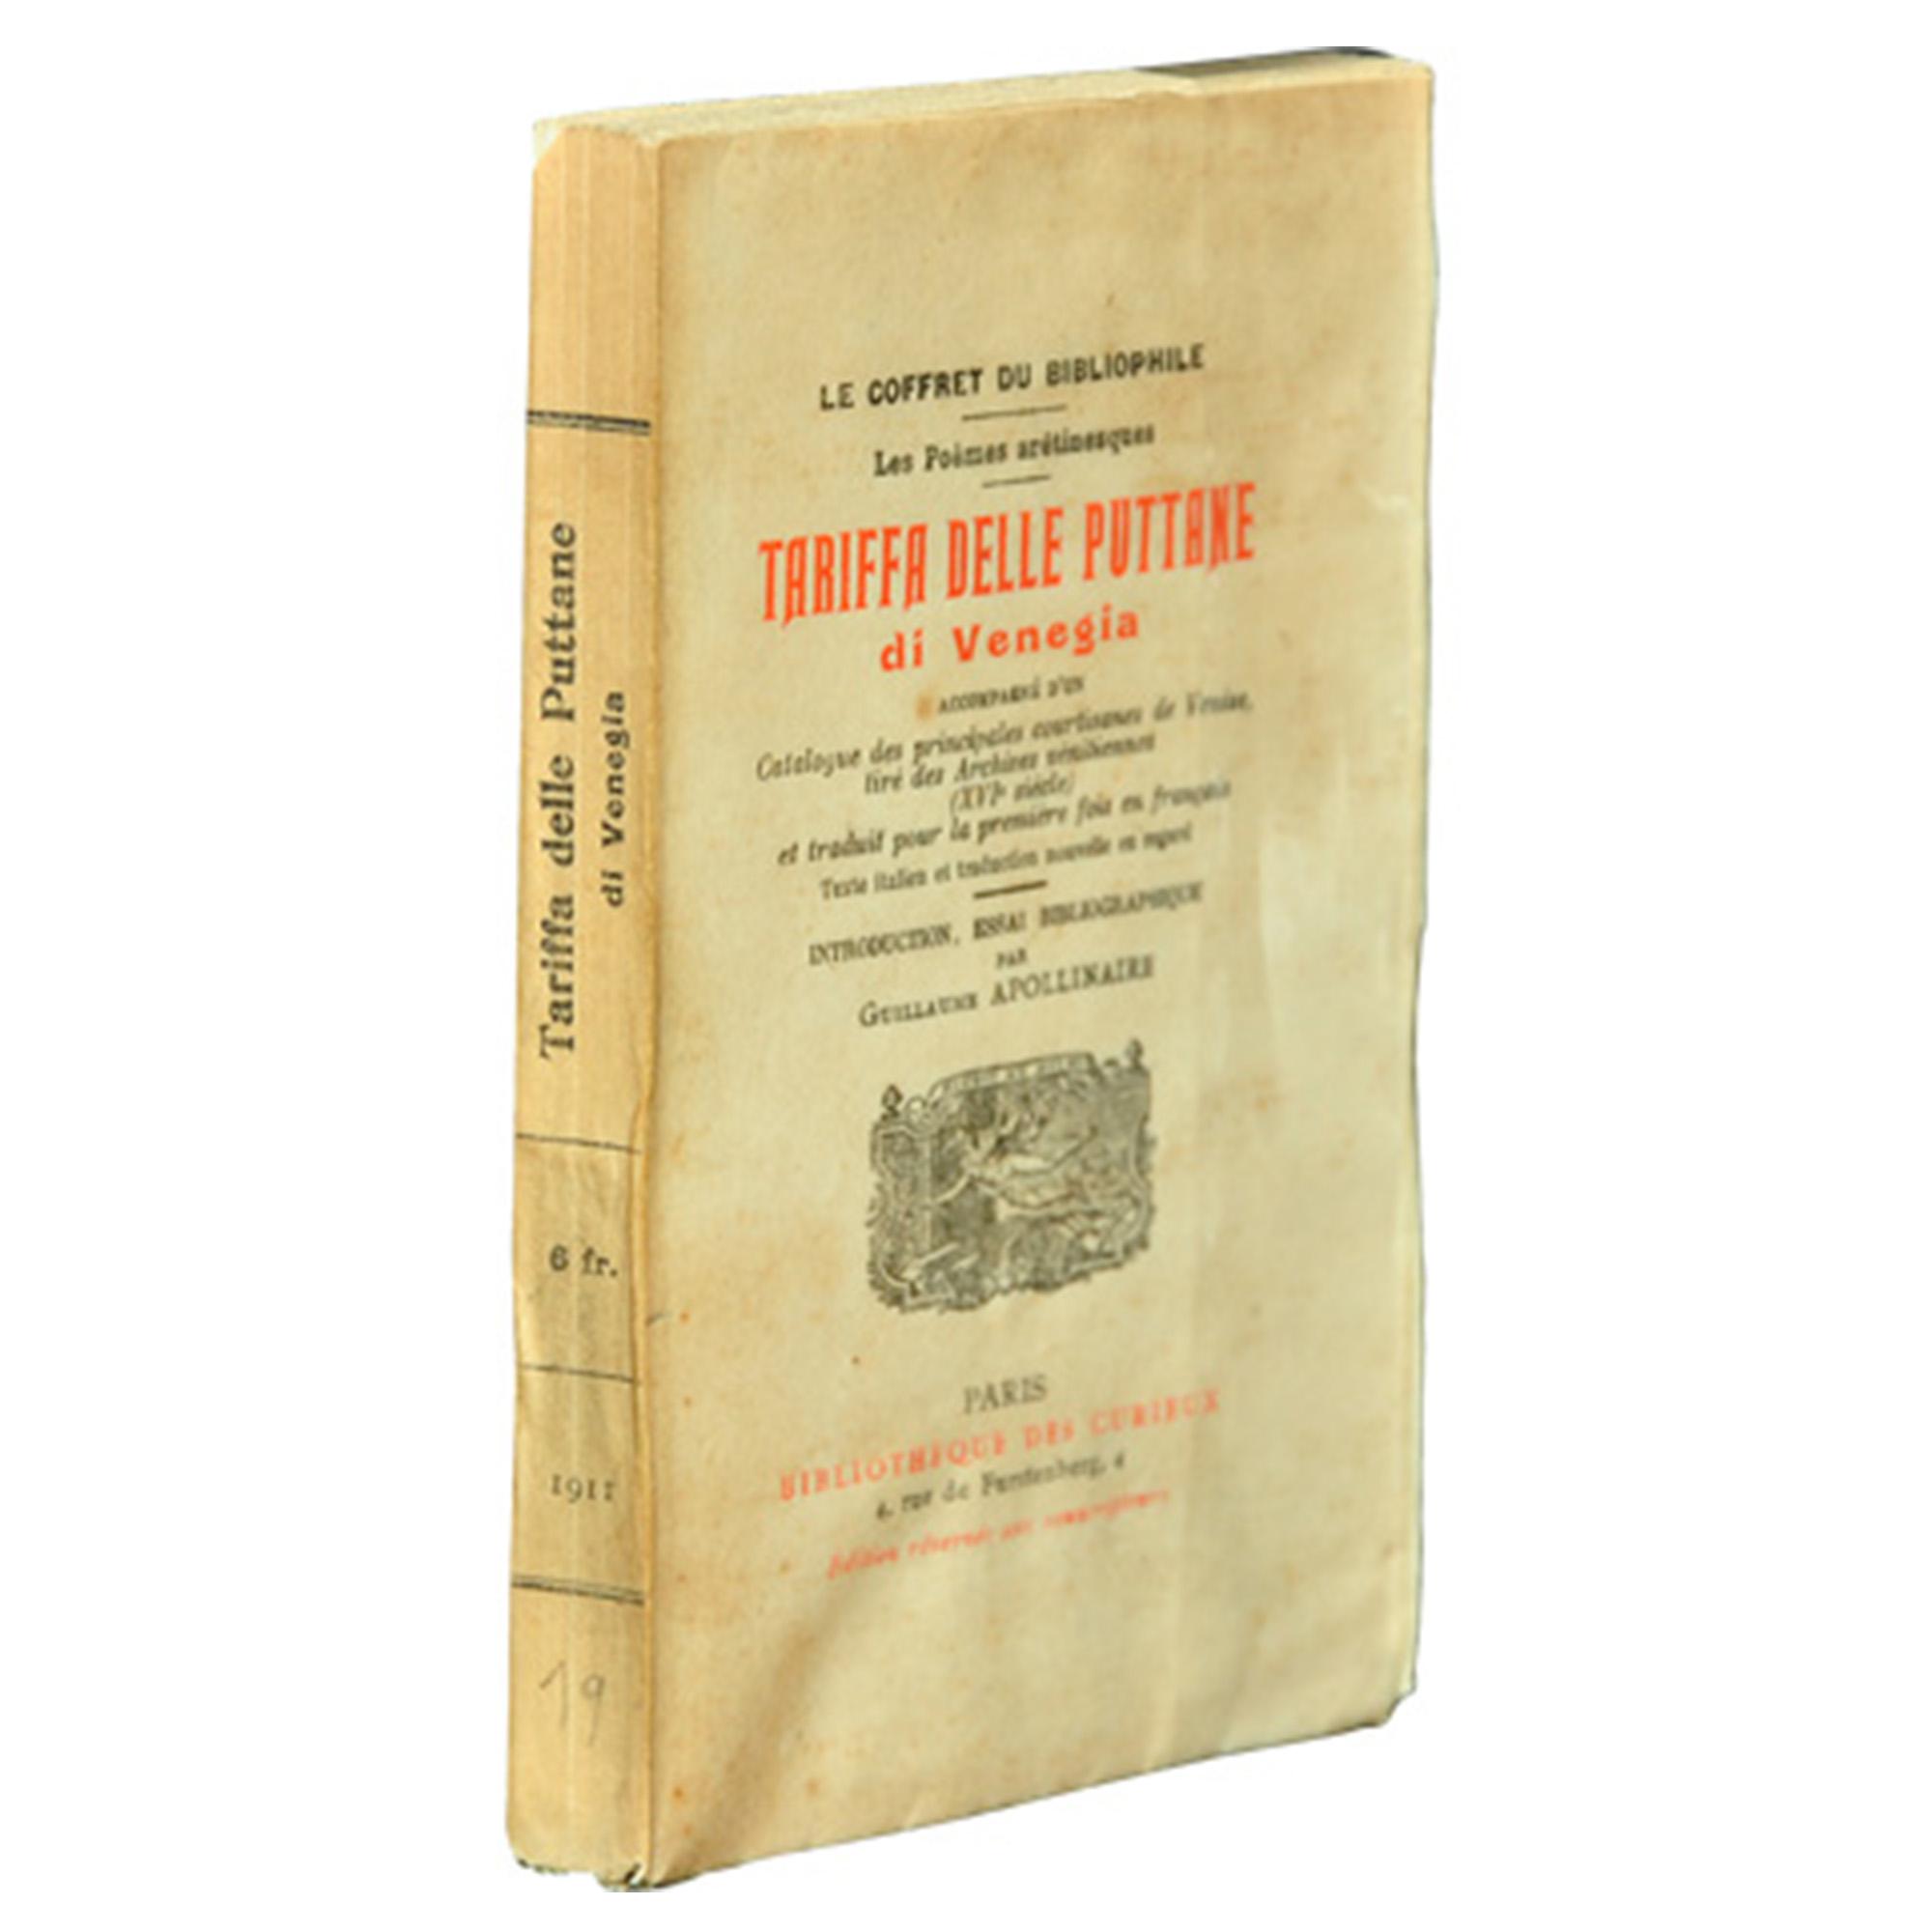 5091-aretino-apollinaire-tariffe-1911.jpg